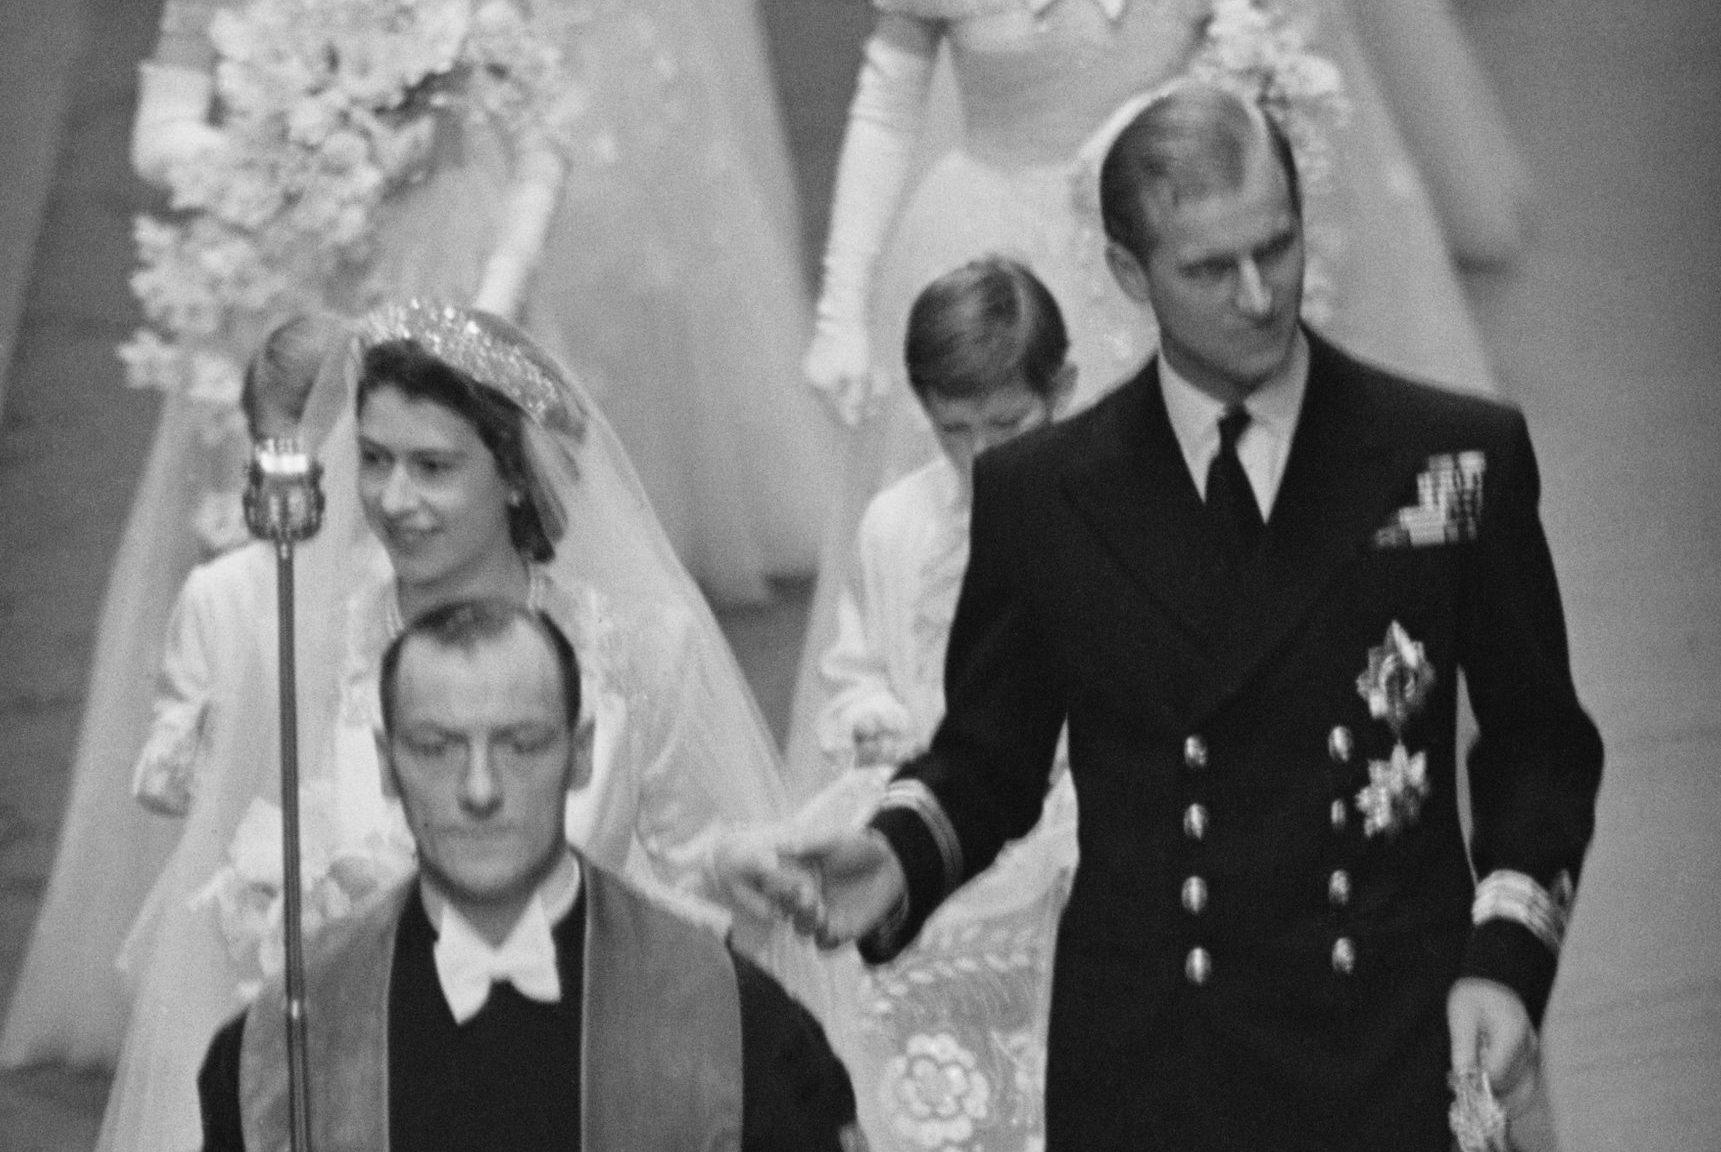 Royal Wedding Couple